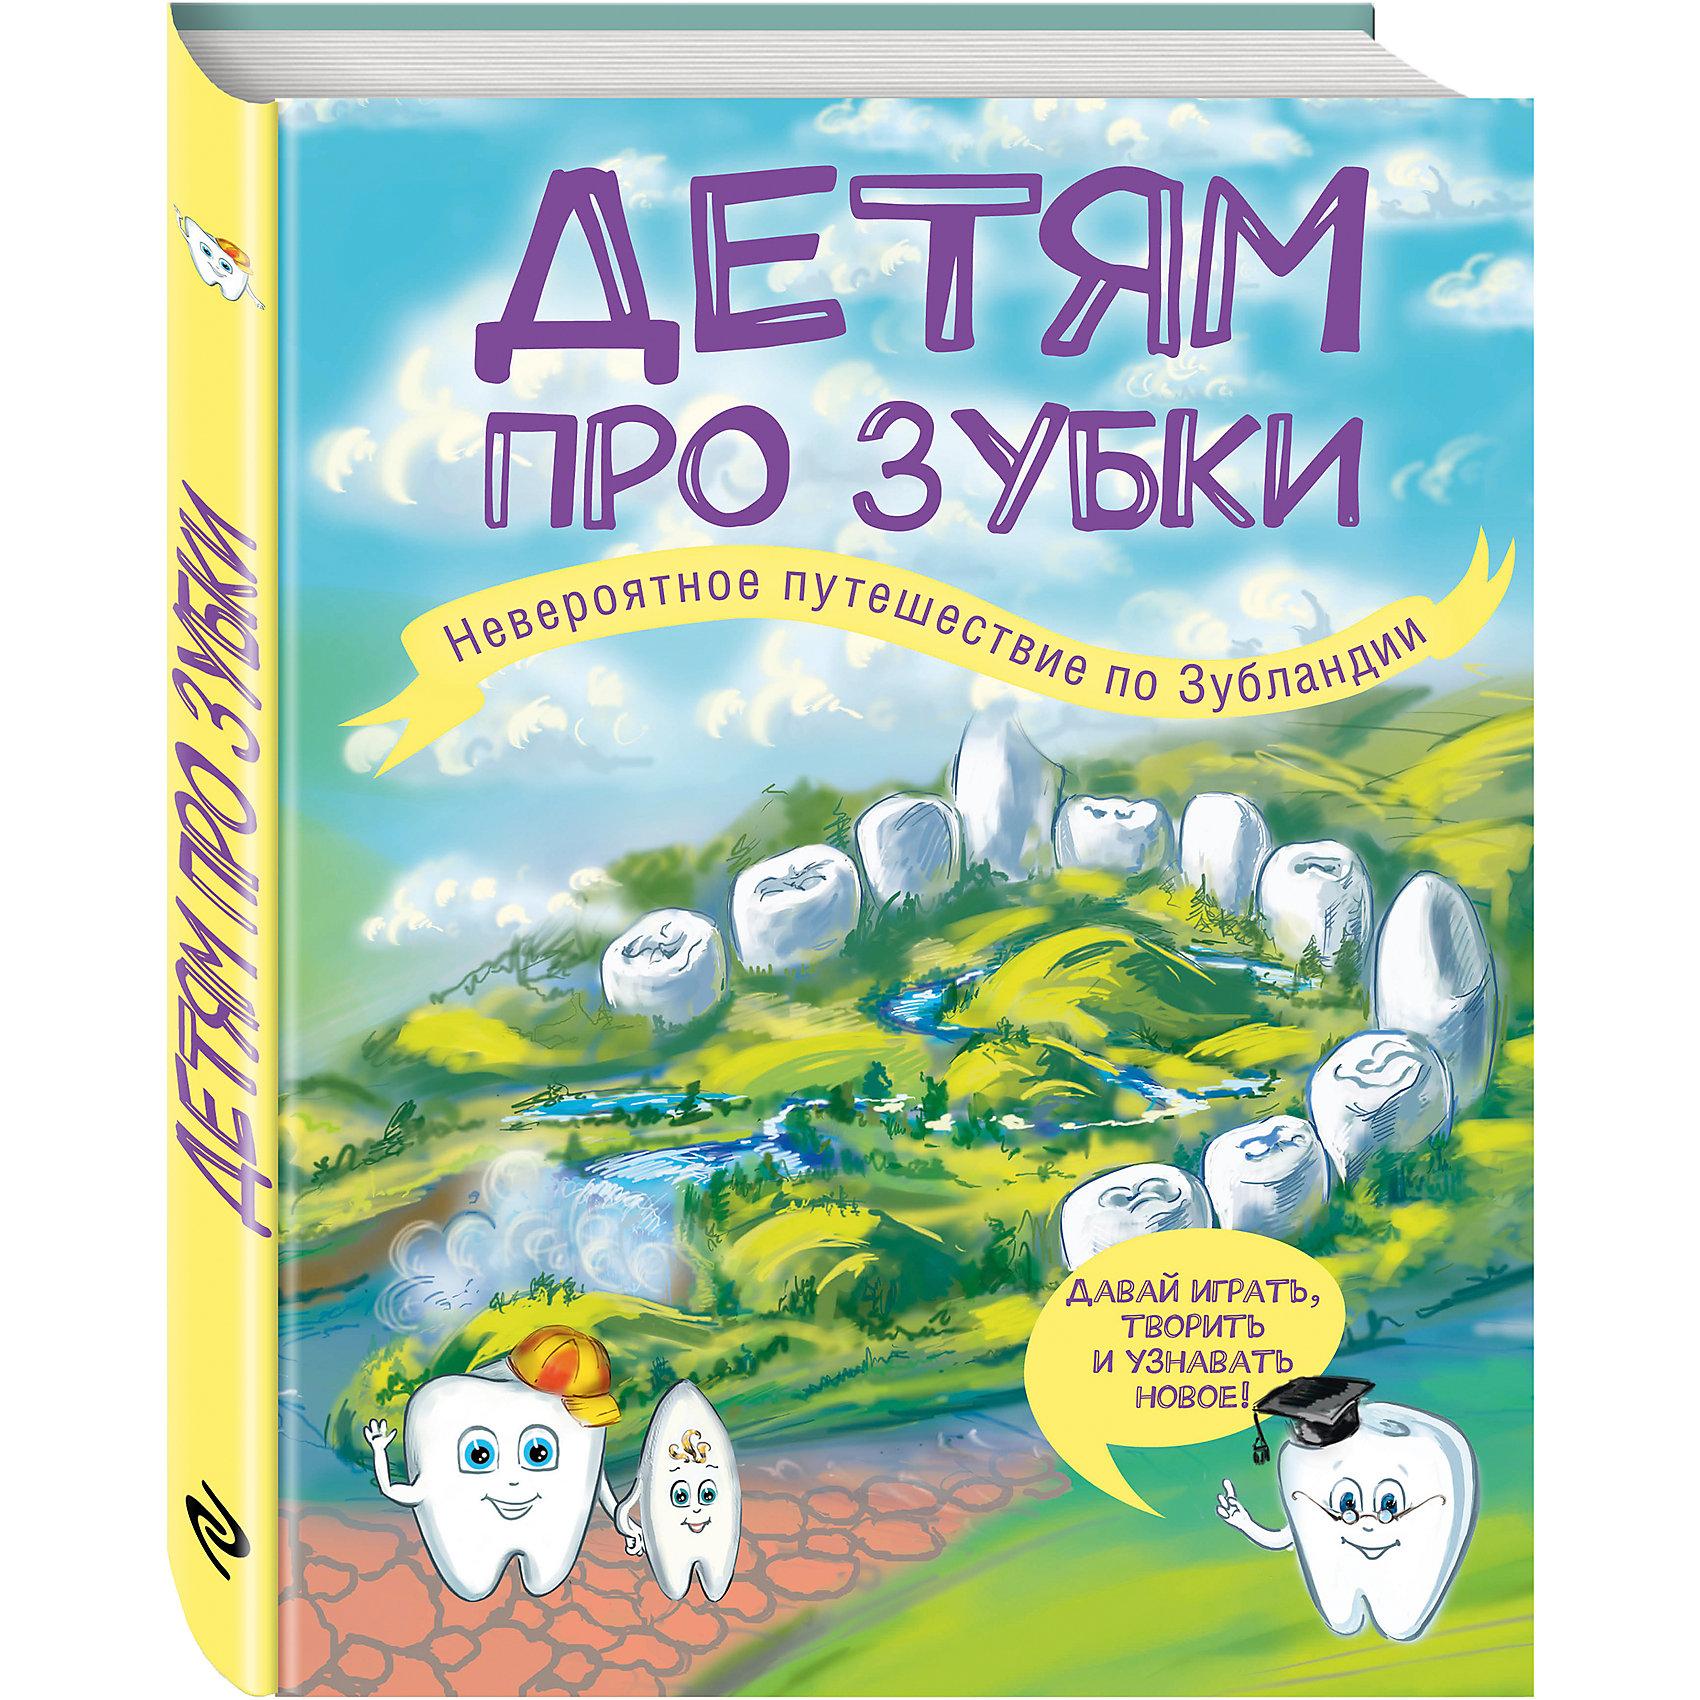 Детям про зубки. Невероятное путешествие по ЗубландииЭта книга для таких любознательных детишек, как ты, ведь тебе интересно узнать о своих зубках все-все-все! <br>Во время путешествия по Зубландии ты выполнишь увлекательные задания, прочтешь захватывающие комиксы, проведёшь незабываемые исследования и сделаешь памятные поделки. Скучать уж точно не придется! <br>Мы надеемся, что ты станешь настоящими специалистом по уходу за зубами, и родителям не придётся тебе об этом напоминать их чистить и уговаривать  дважды в год посещать врача-стоматолога!<br>Невероятного путешествия!<br><br>Дополнительная информация:<br><br>- год выпуска: 2015<br>- количество страниц:128<br>- формат: 28 *21 * 1 см.<br>- переплет: твердый переплет<br>- вес: 646 гр.<br>- возраст: от  6  лет<br><br>Книгу Детям про зубки. Невероятное путешествие по Зубландии можно купить в нашем интернет - магазине.<br><br>Ширина мм: 280<br>Глубина мм: 210<br>Высота мм: 13<br>Вес г: 660<br>Возраст от месяцев: 72<br>Возраст до месяцев: 144<br>Пол: Унисекс<br>Возраст: Детский<br>SKU: 4753532